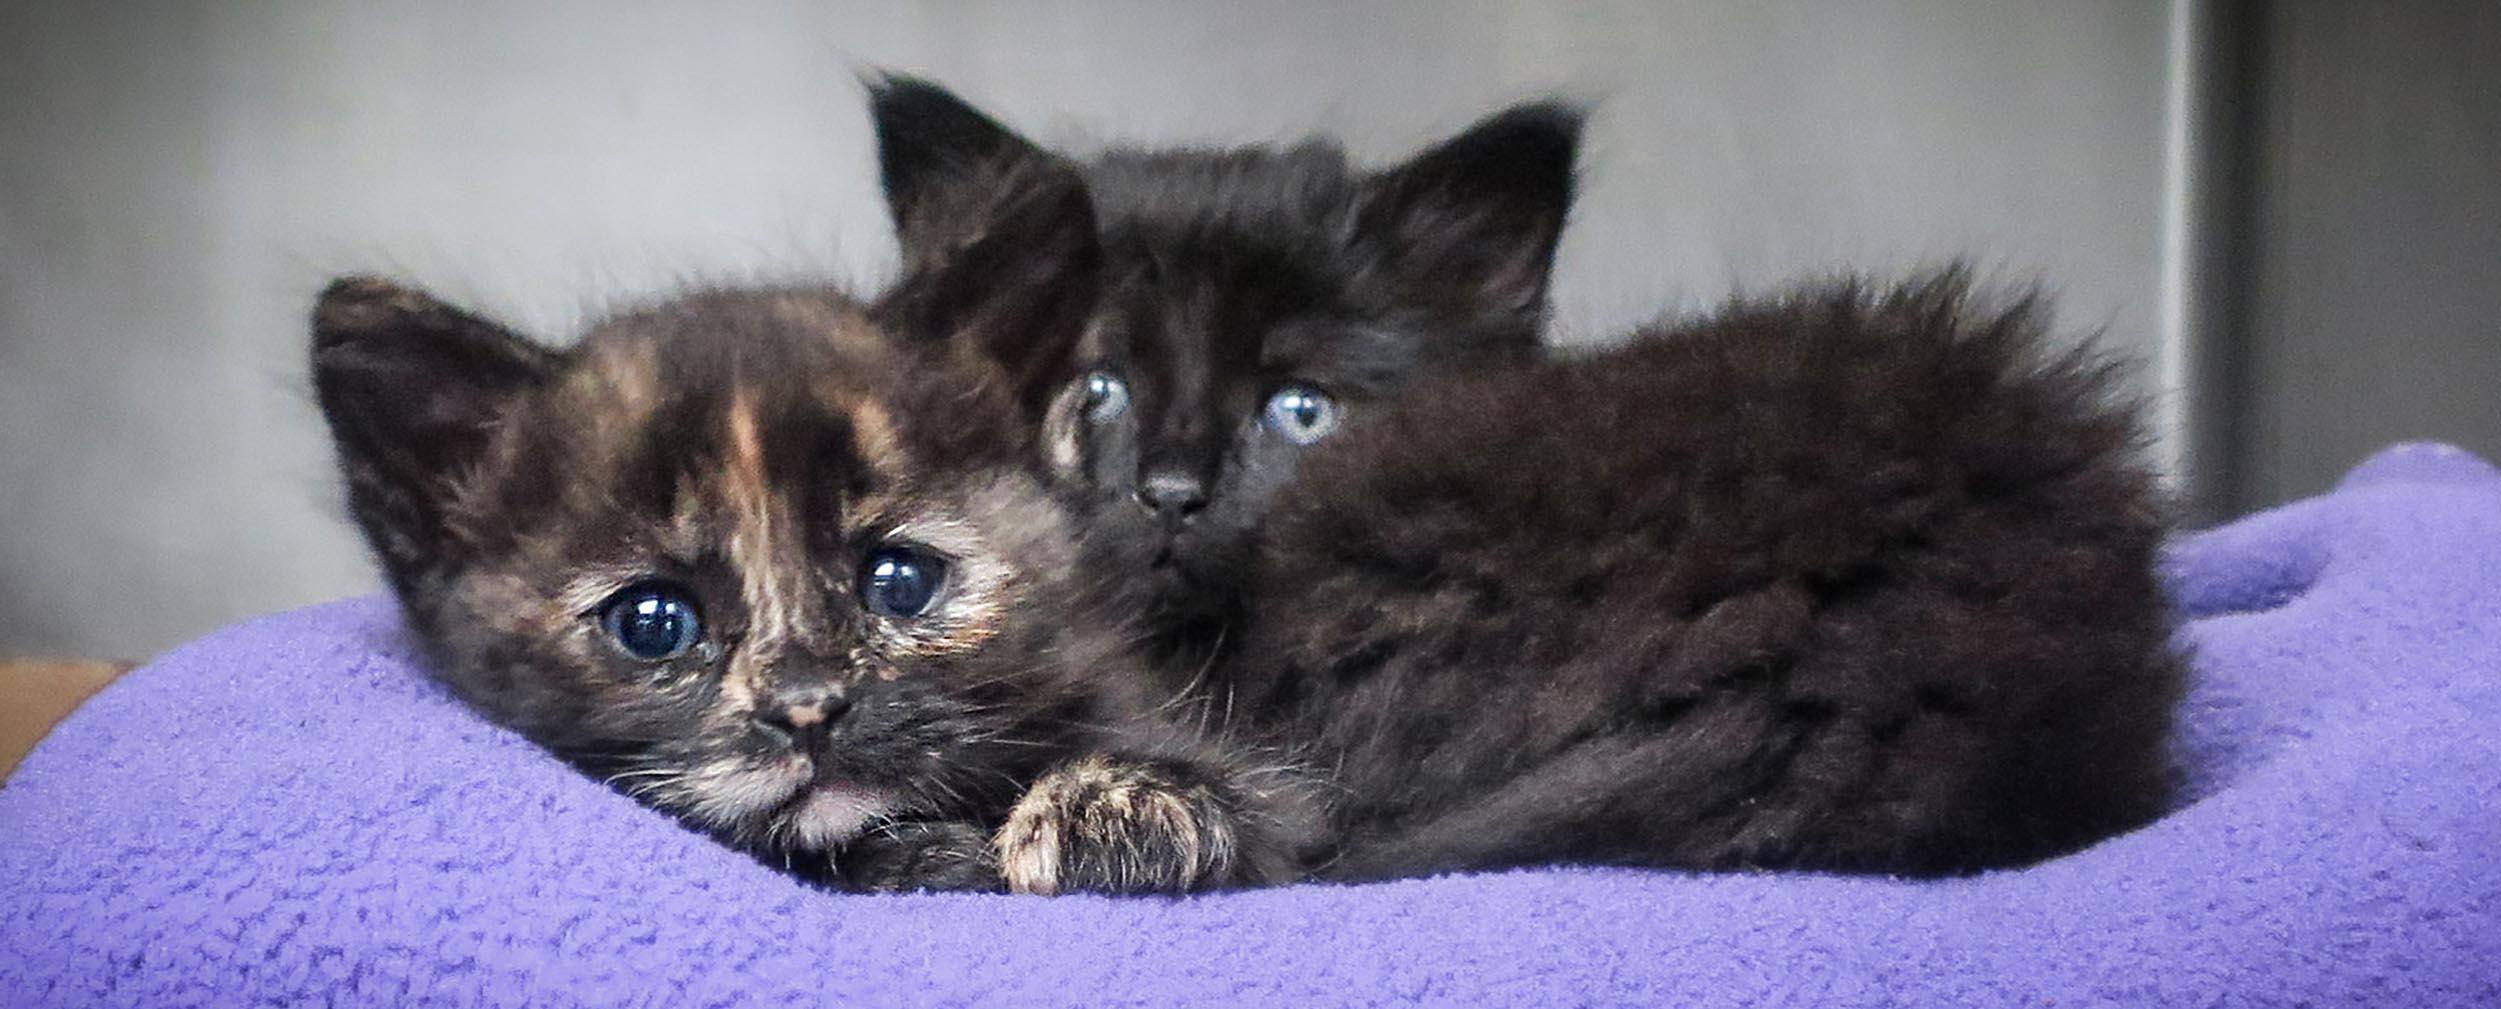 kittens.617.jpg